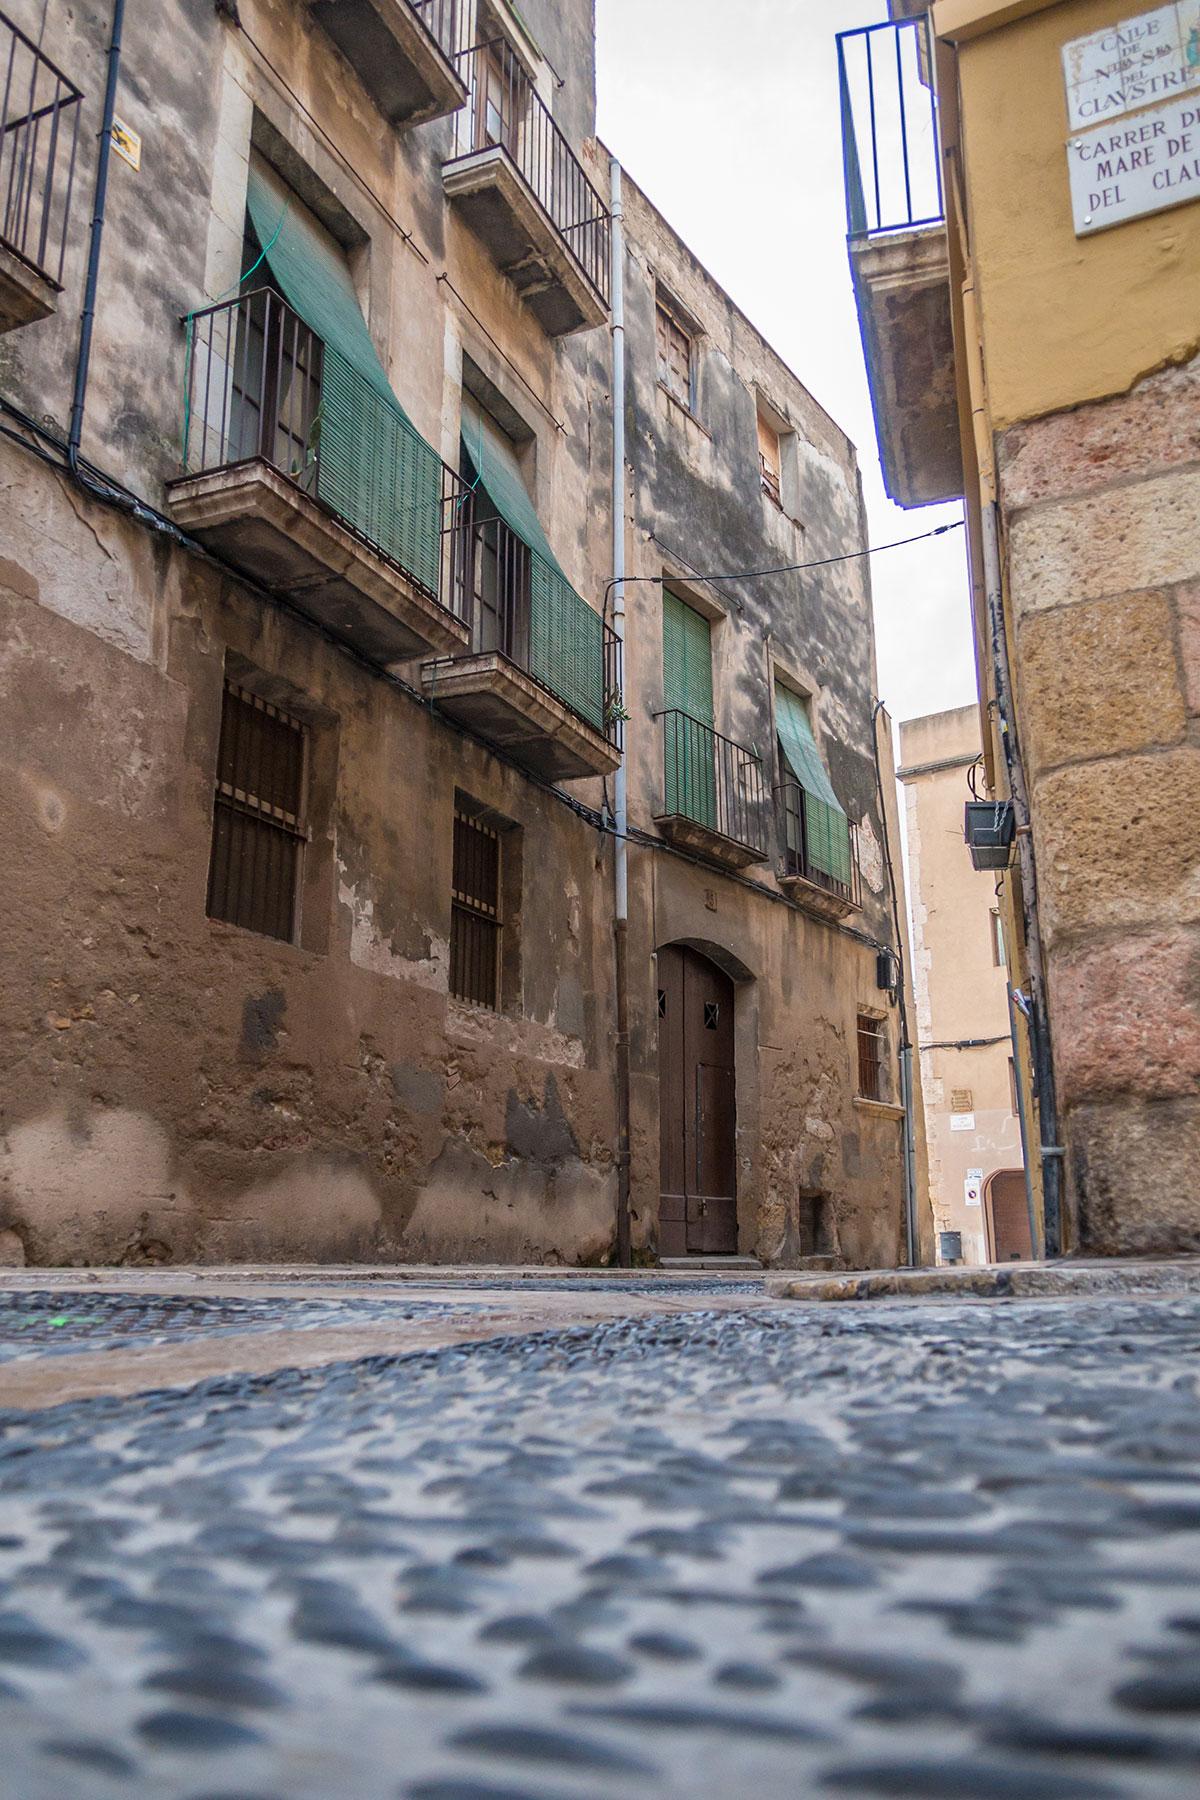 Spanien, Katalonien, Tarragona, gepflasterte Strasse